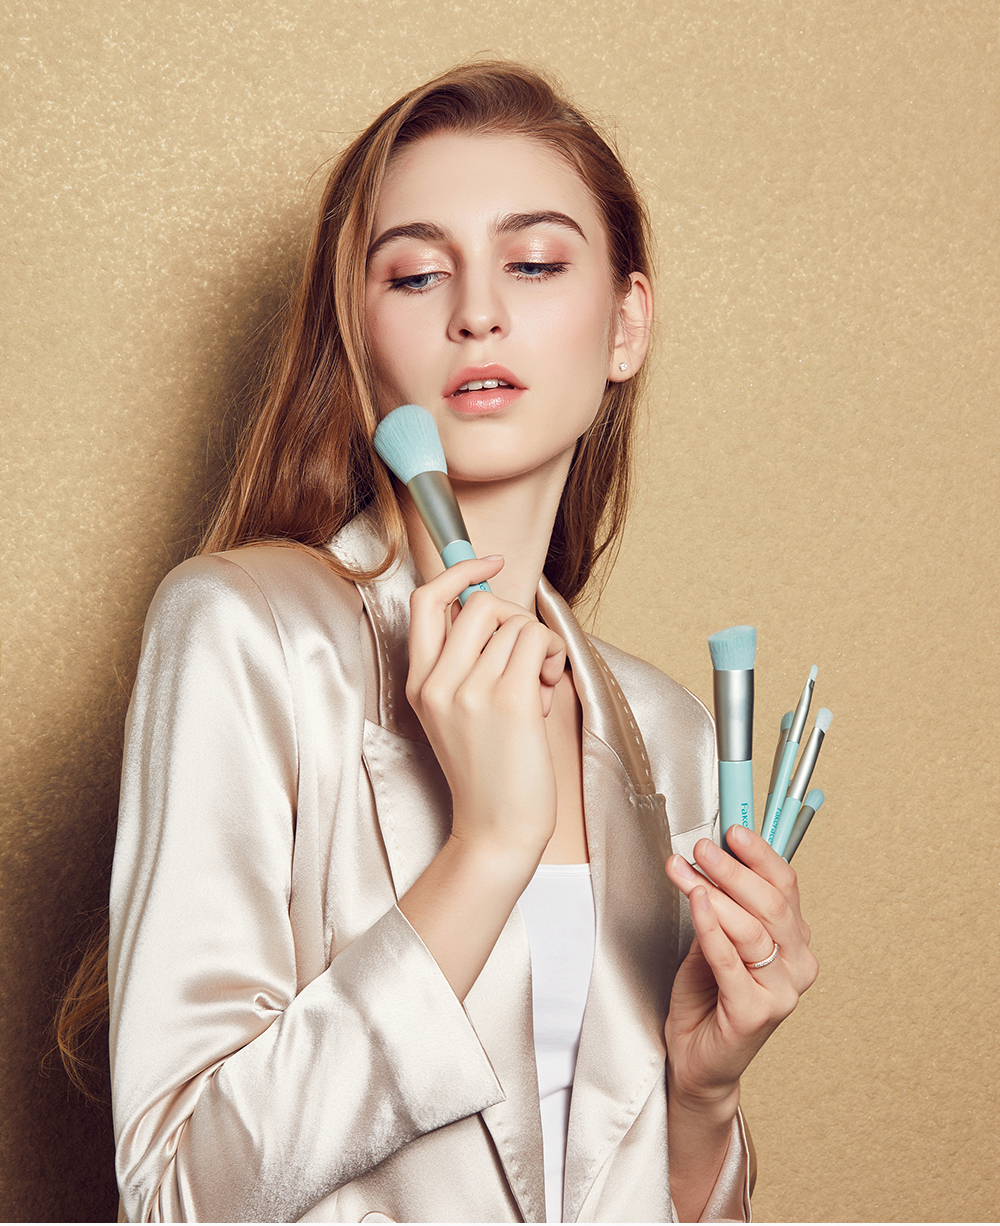 化妆刷套组眼影刷子化妆工具散粉腮红粉底刷眉刷支全套详细照片